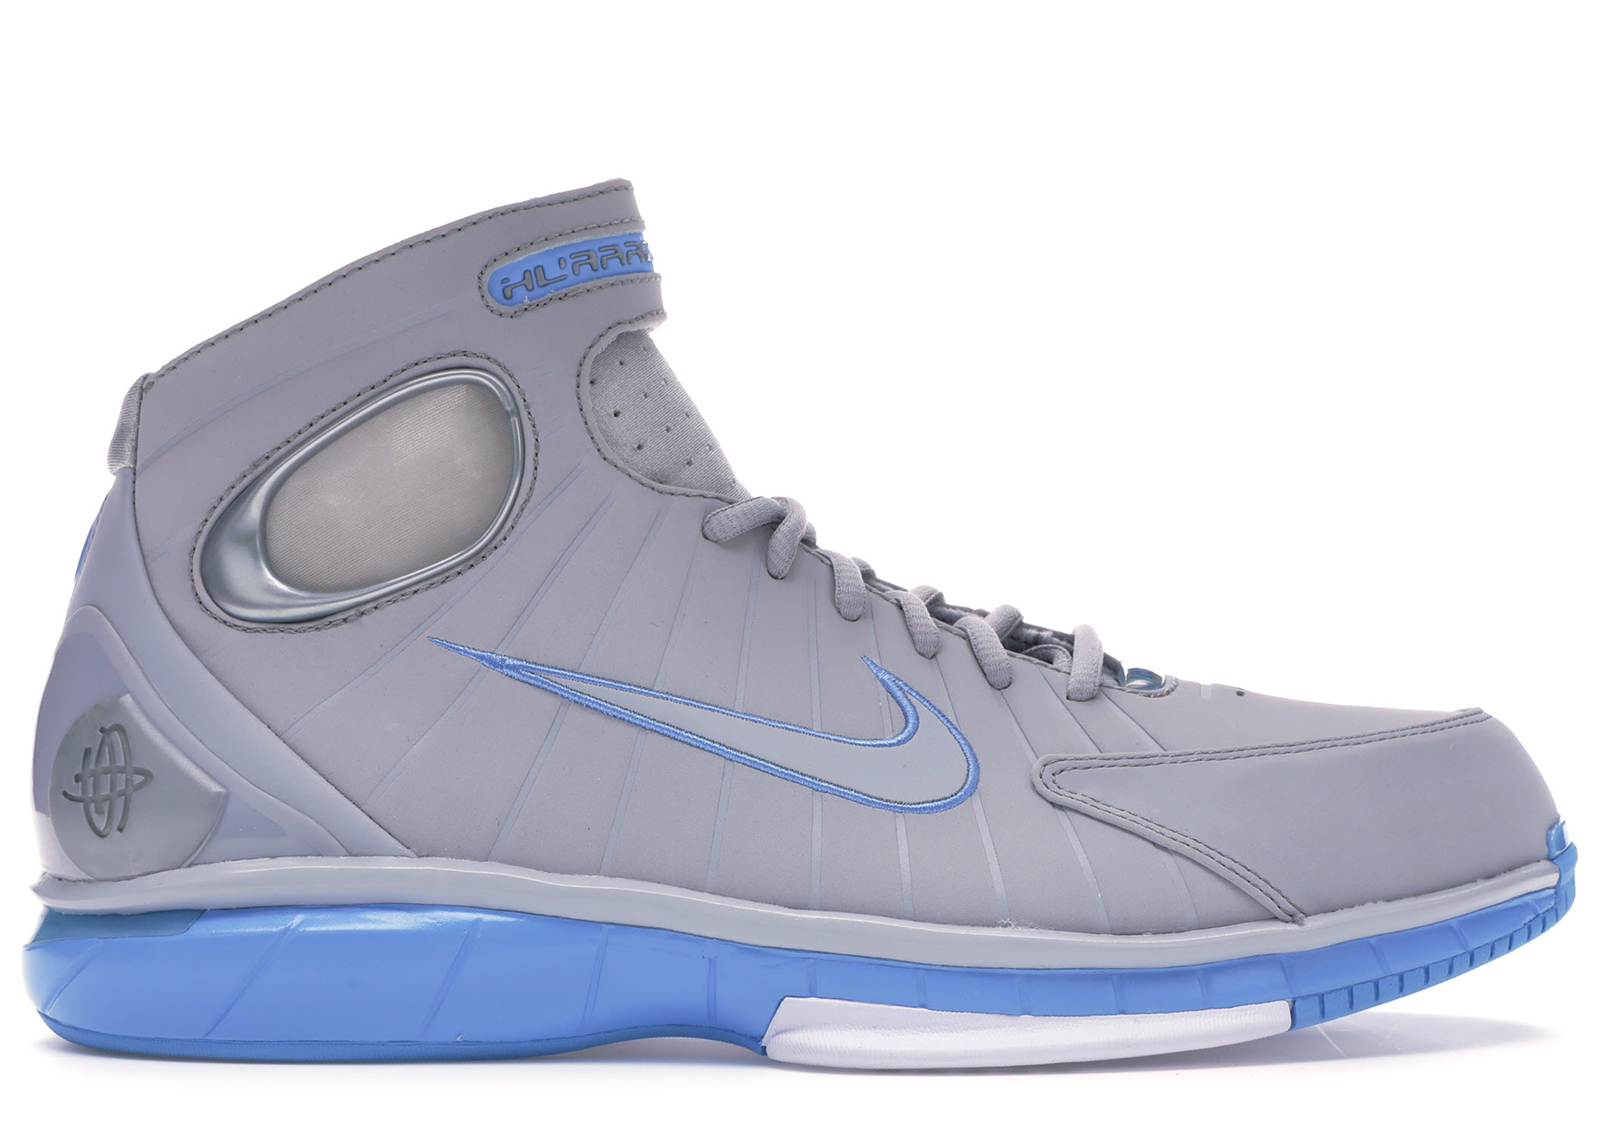 Nike Air Zoom Huarache 2K4 Wolf Grey Uni Blue